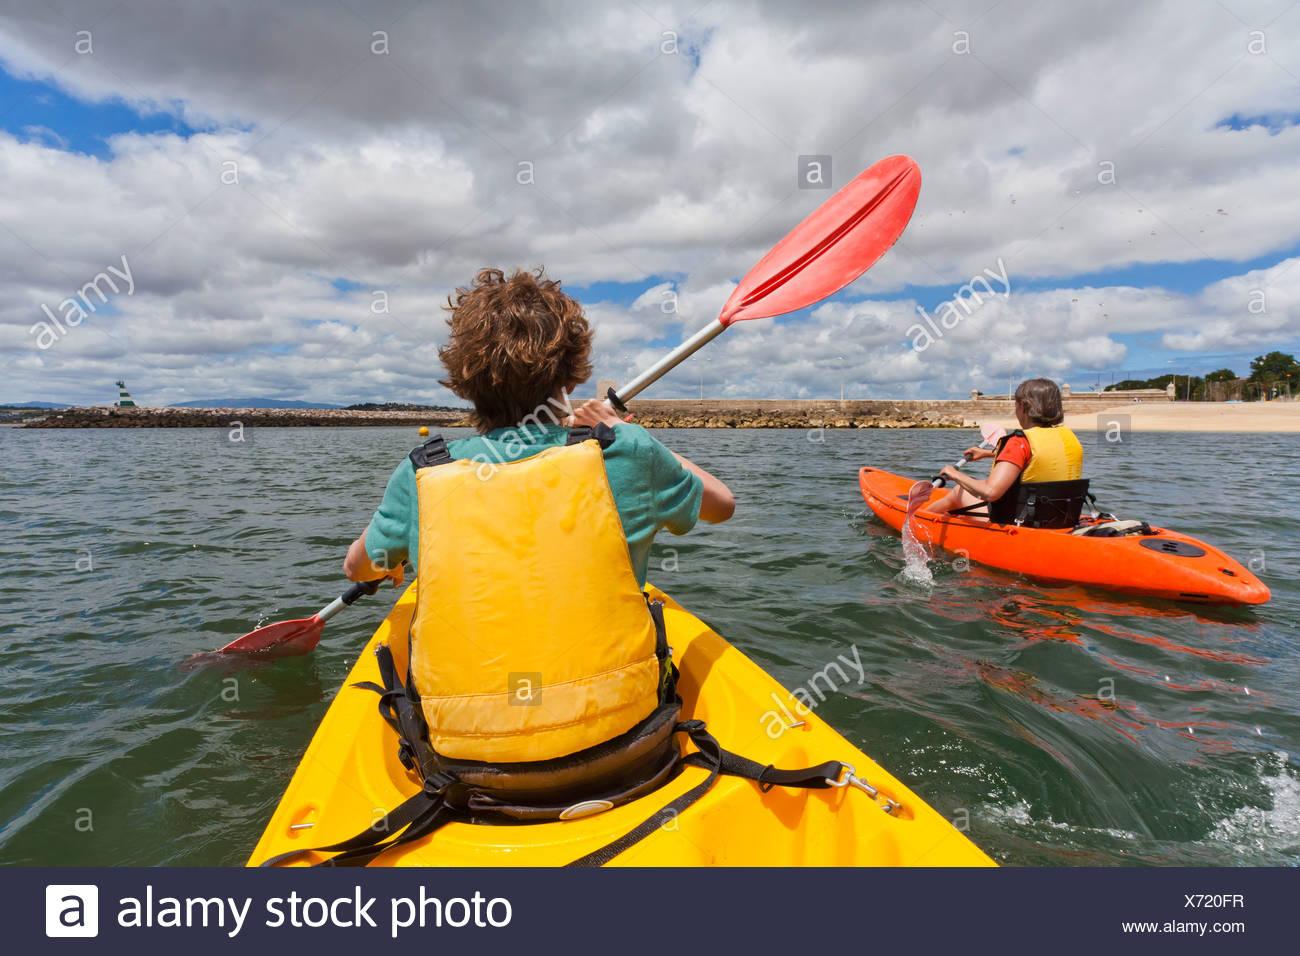 portugal lagos teenage boy mature women rowing kayak stock photo